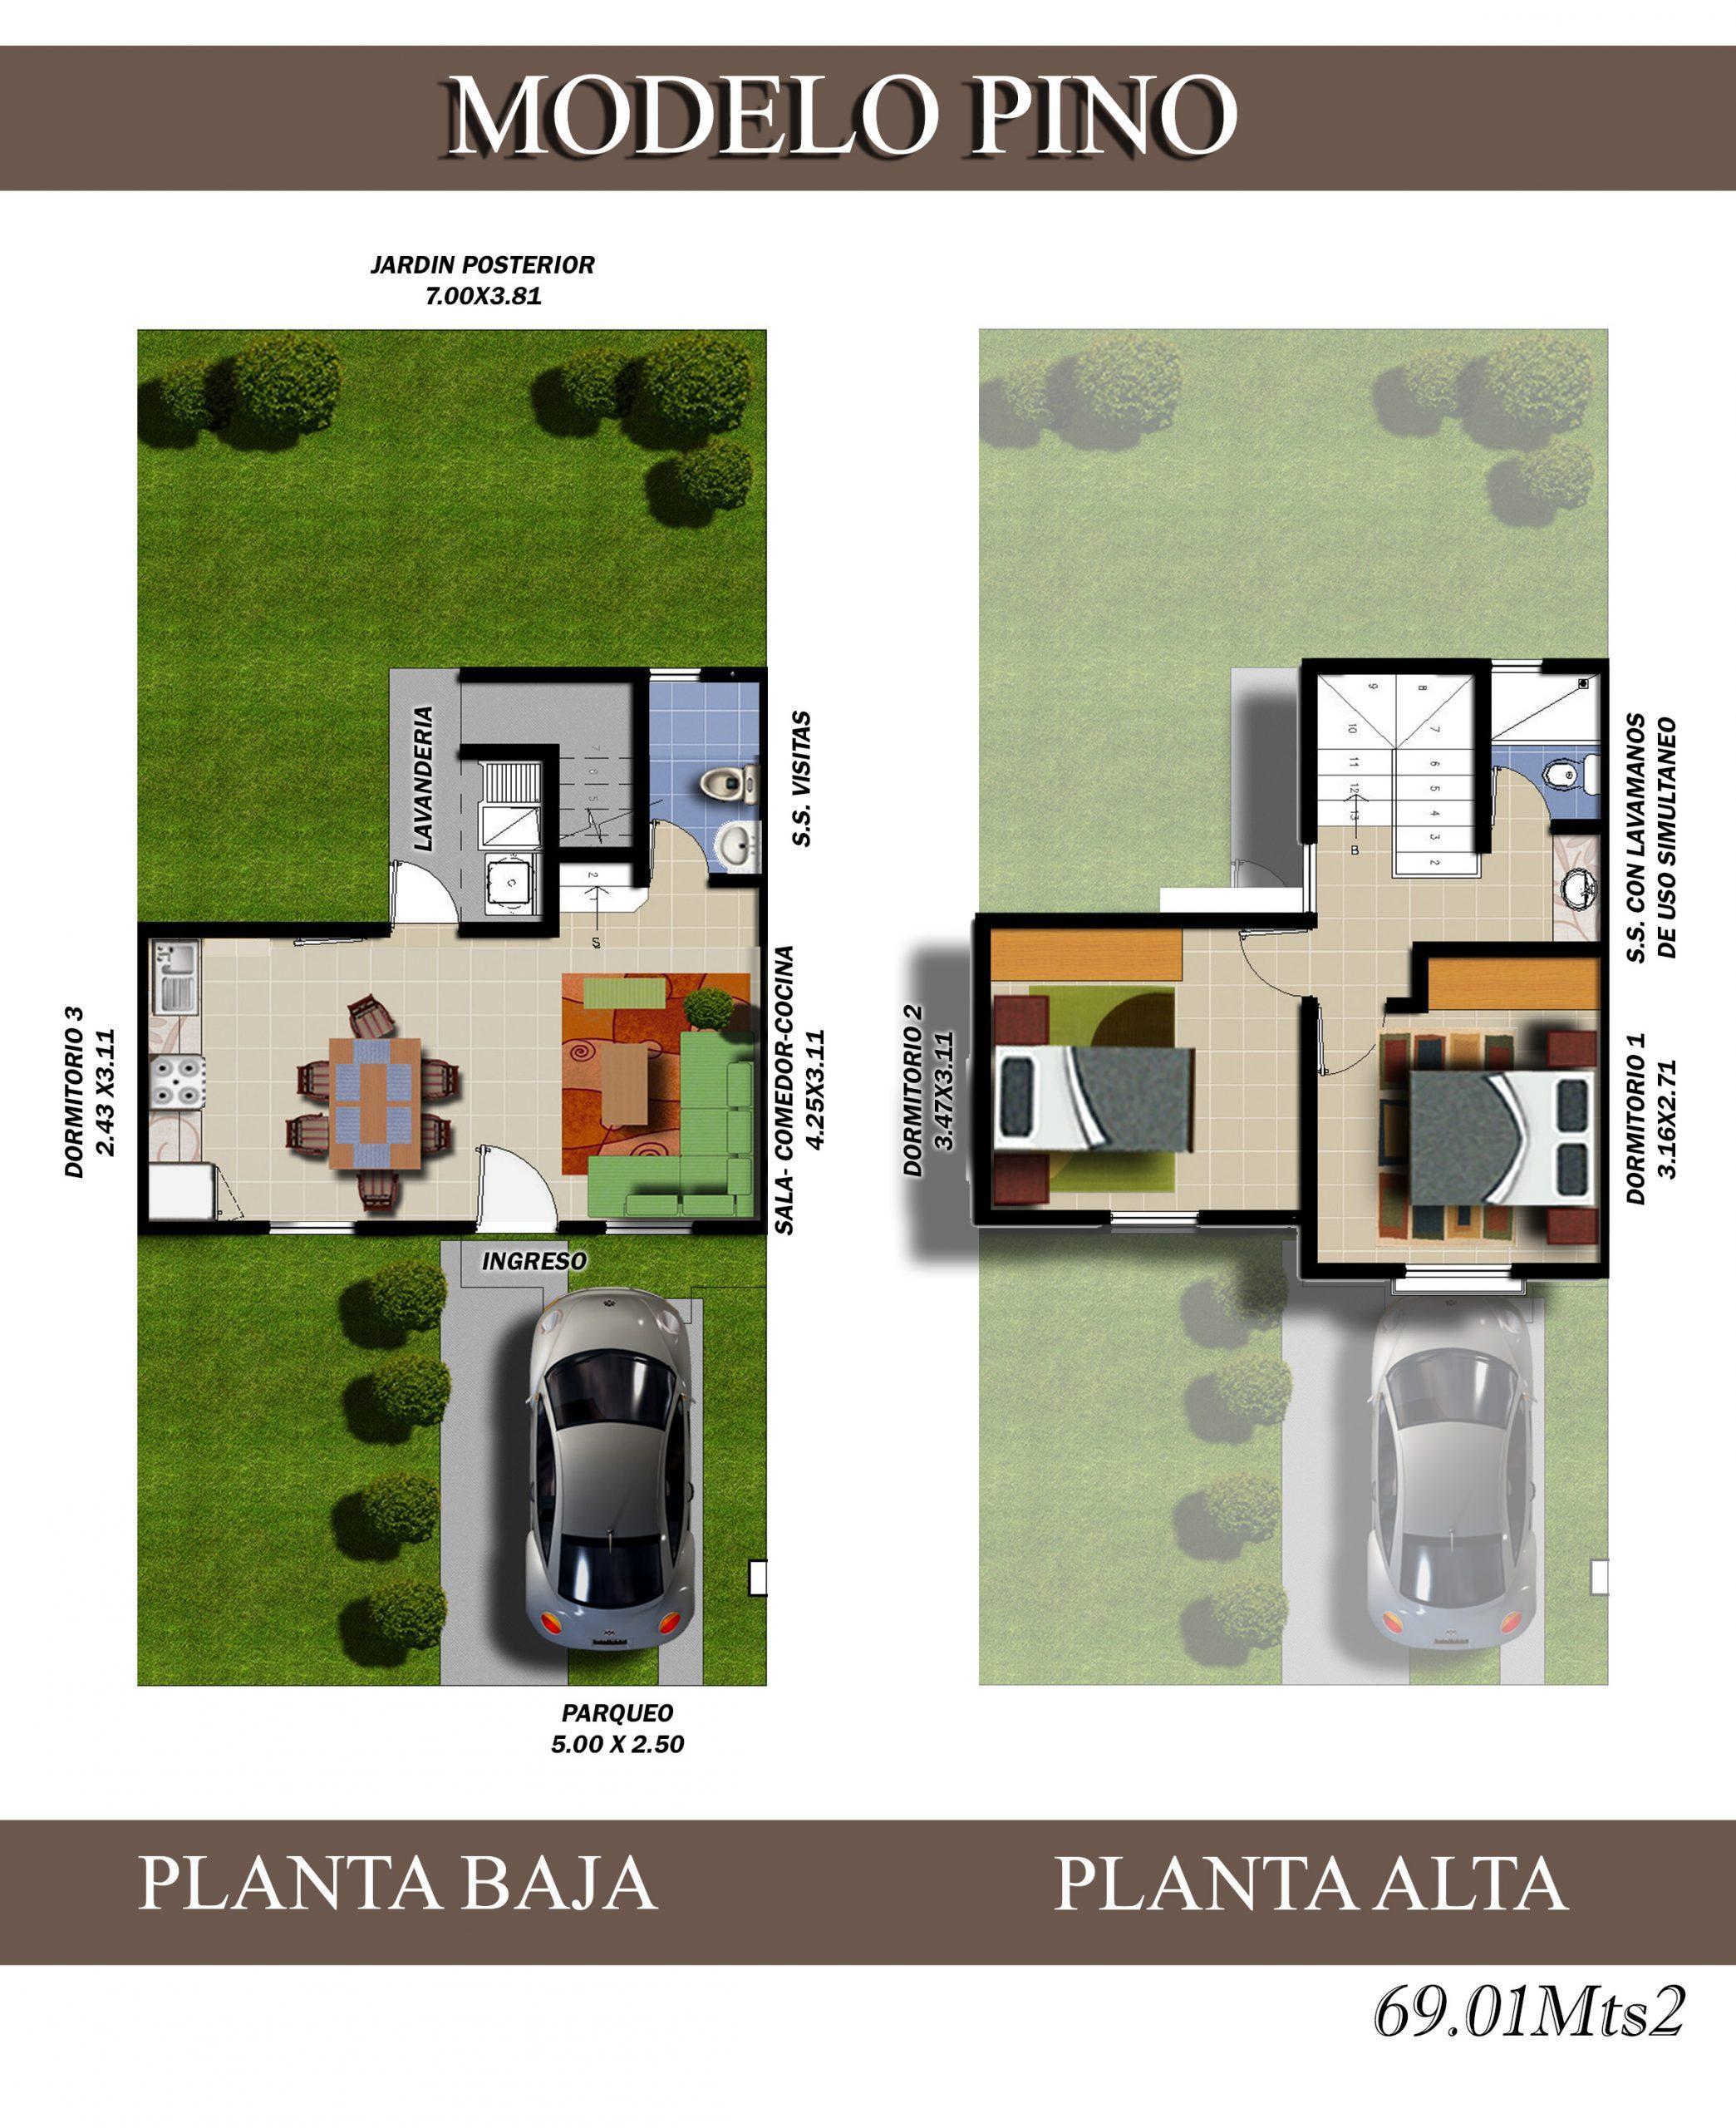 casa-tipo-pino-miranorte